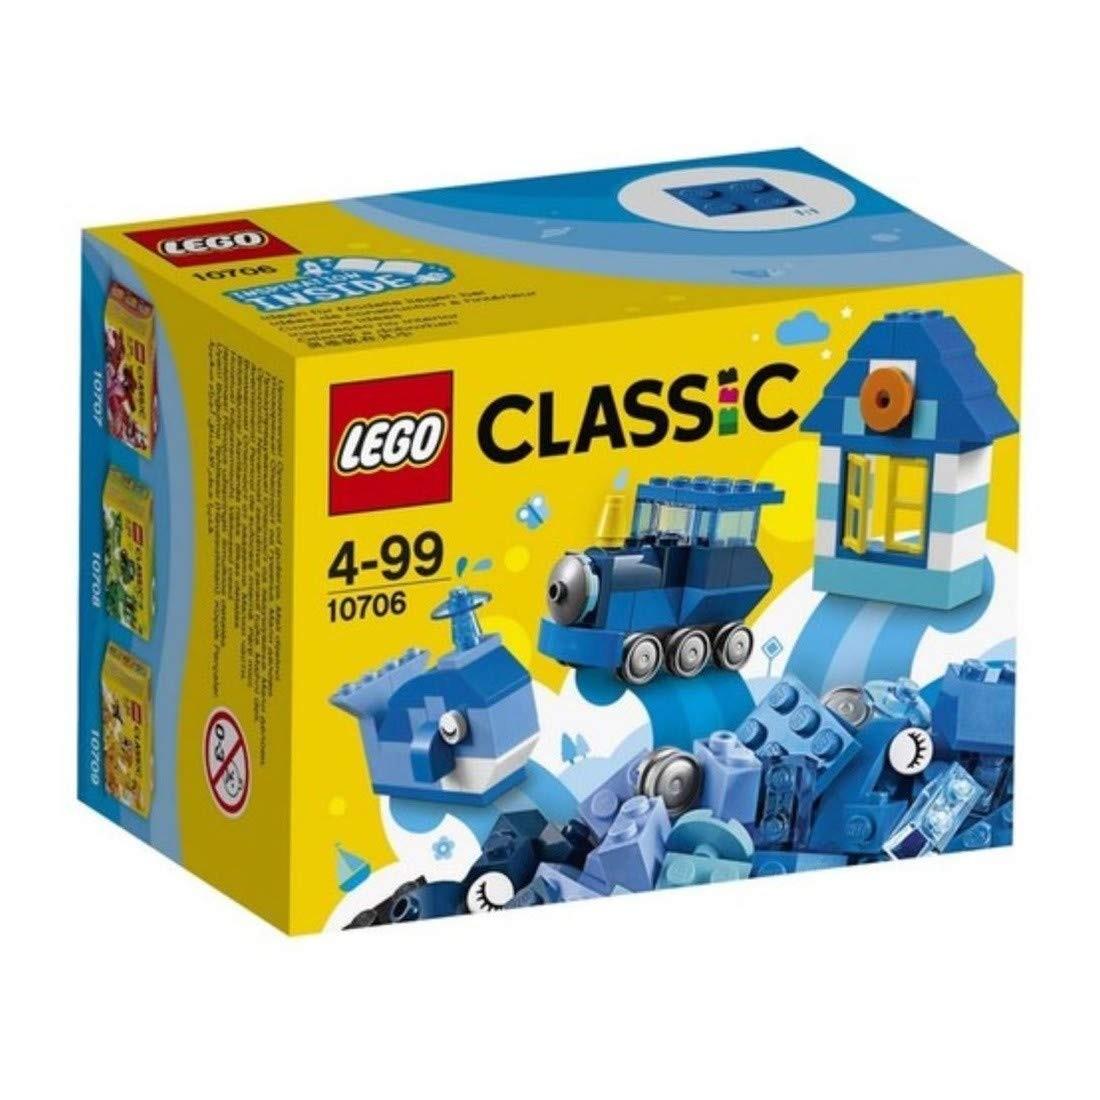 レゴ 10706 アイデアパーツ 青の商品画像|ナビ